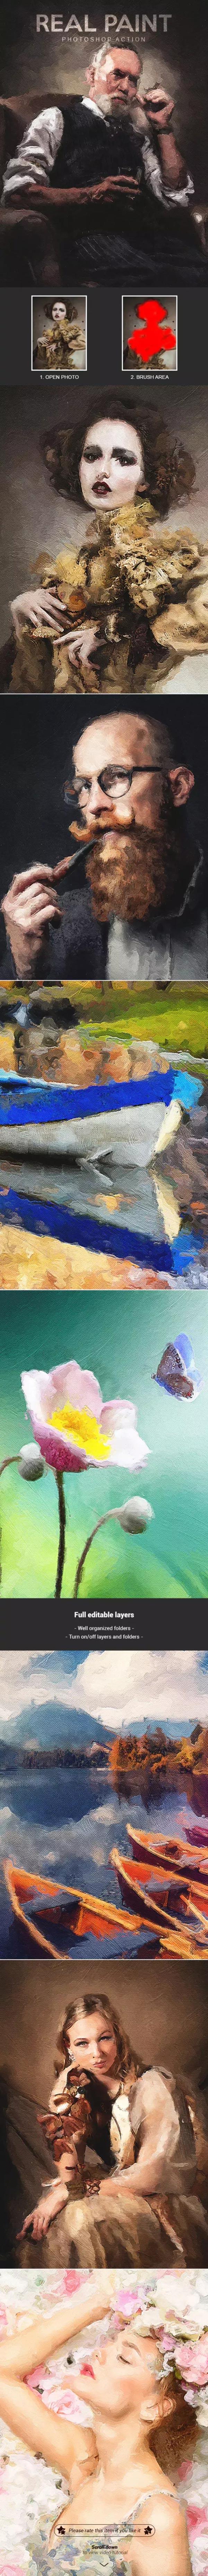 油漆素描风格PS动作